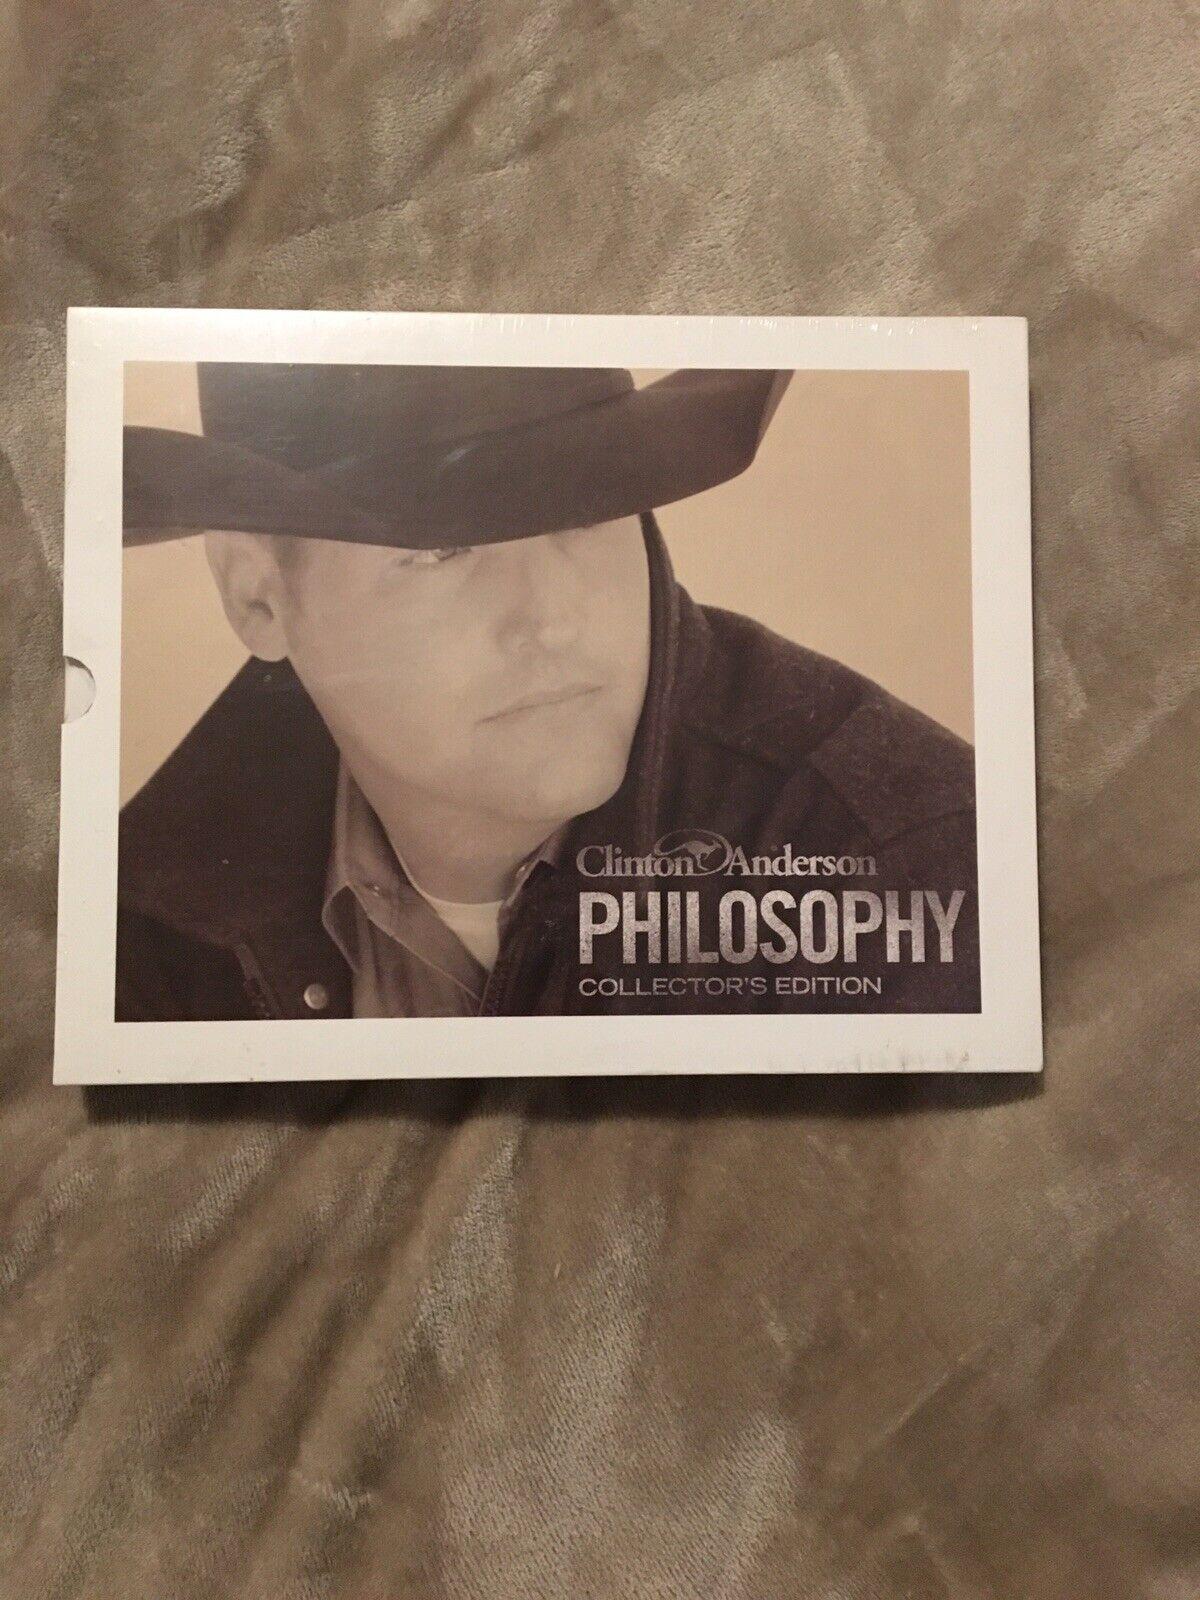 New Clinton Anderson Philosophy Book Collectors Edition